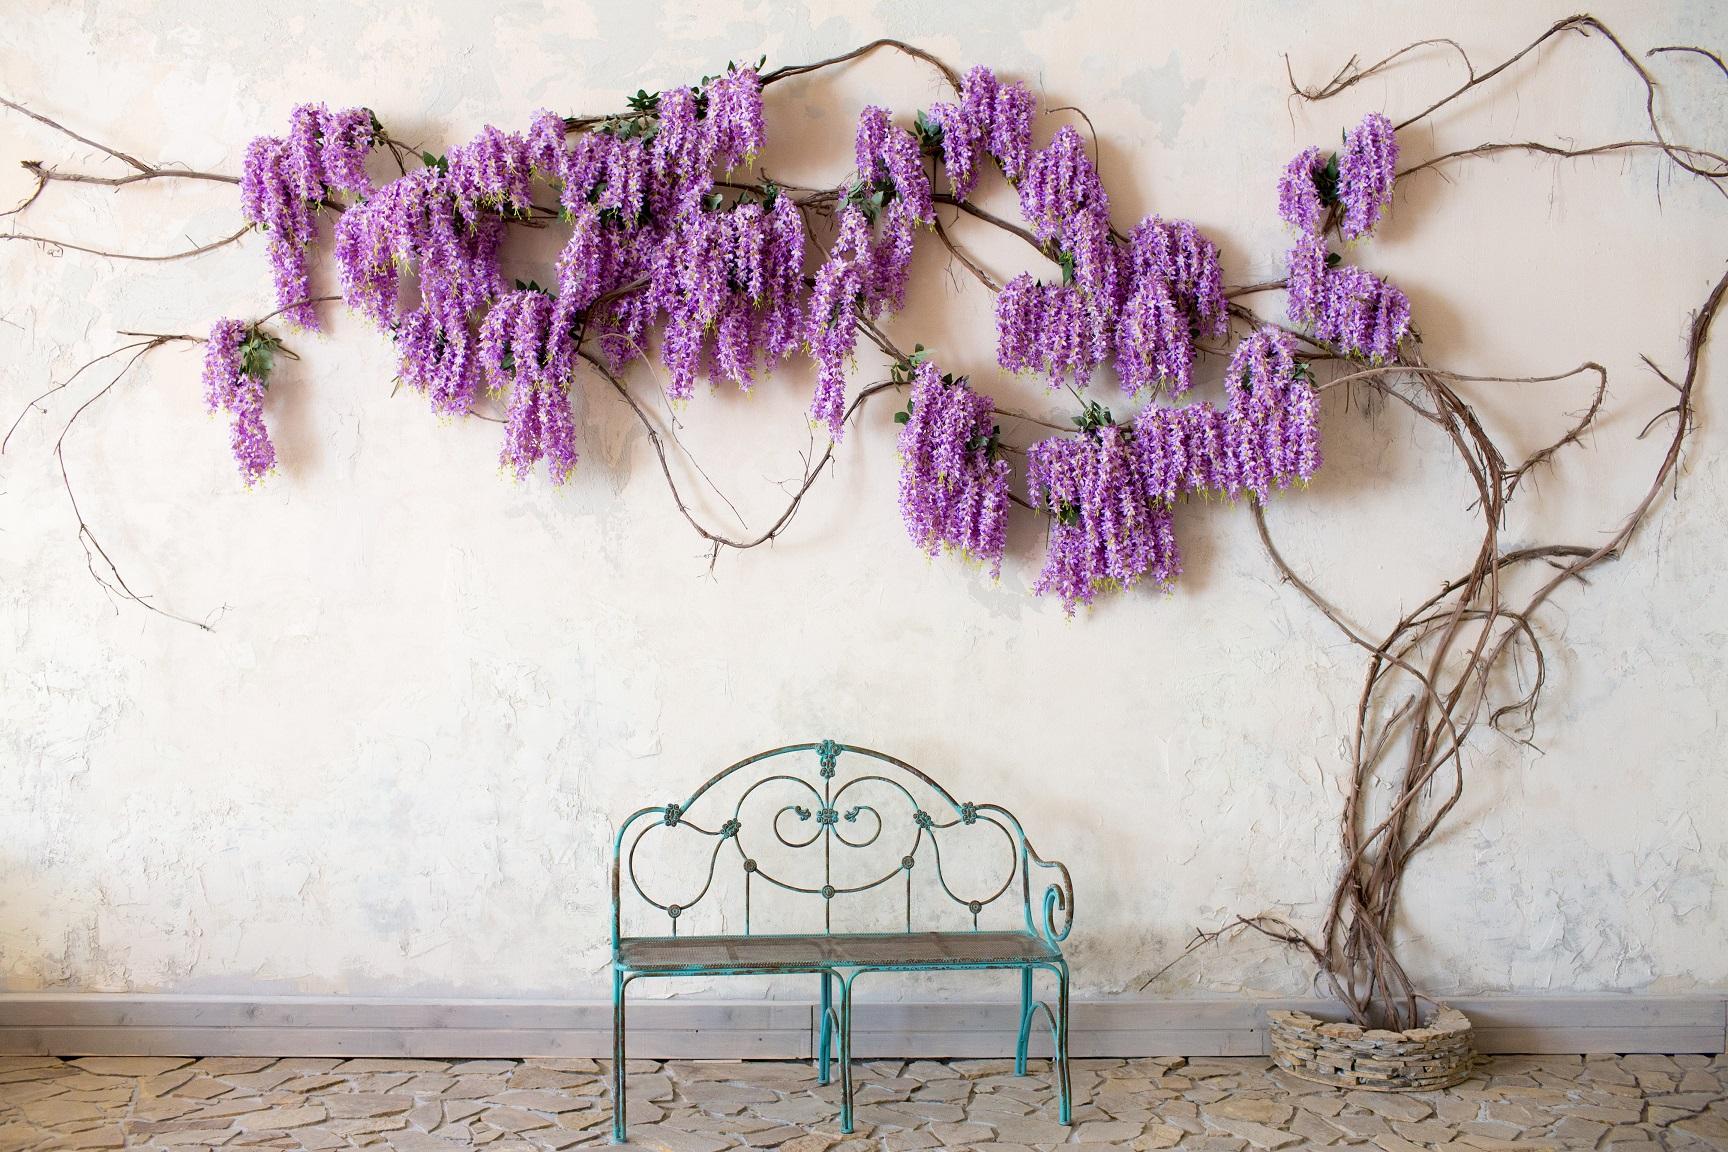 plantes grimpante mur provençal